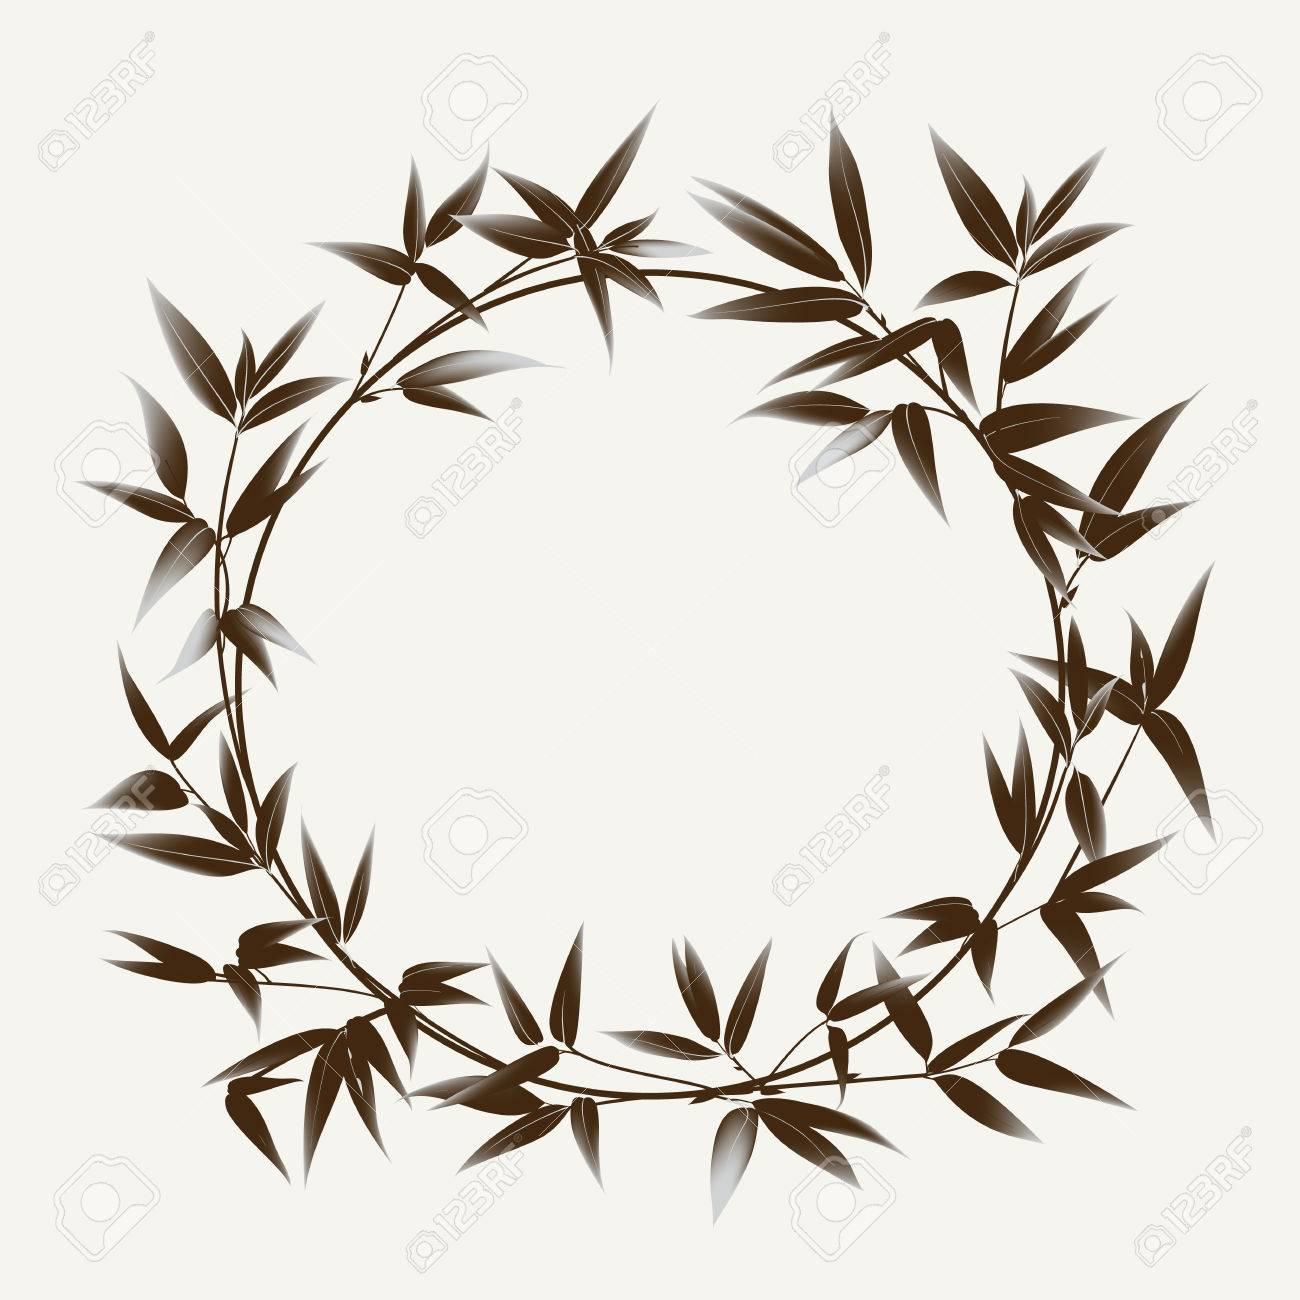 Bambus Busch Malerei Auf Weißem Hintergrund. Blätter Von Bambus Baum Als  Symbol Japans Kultur